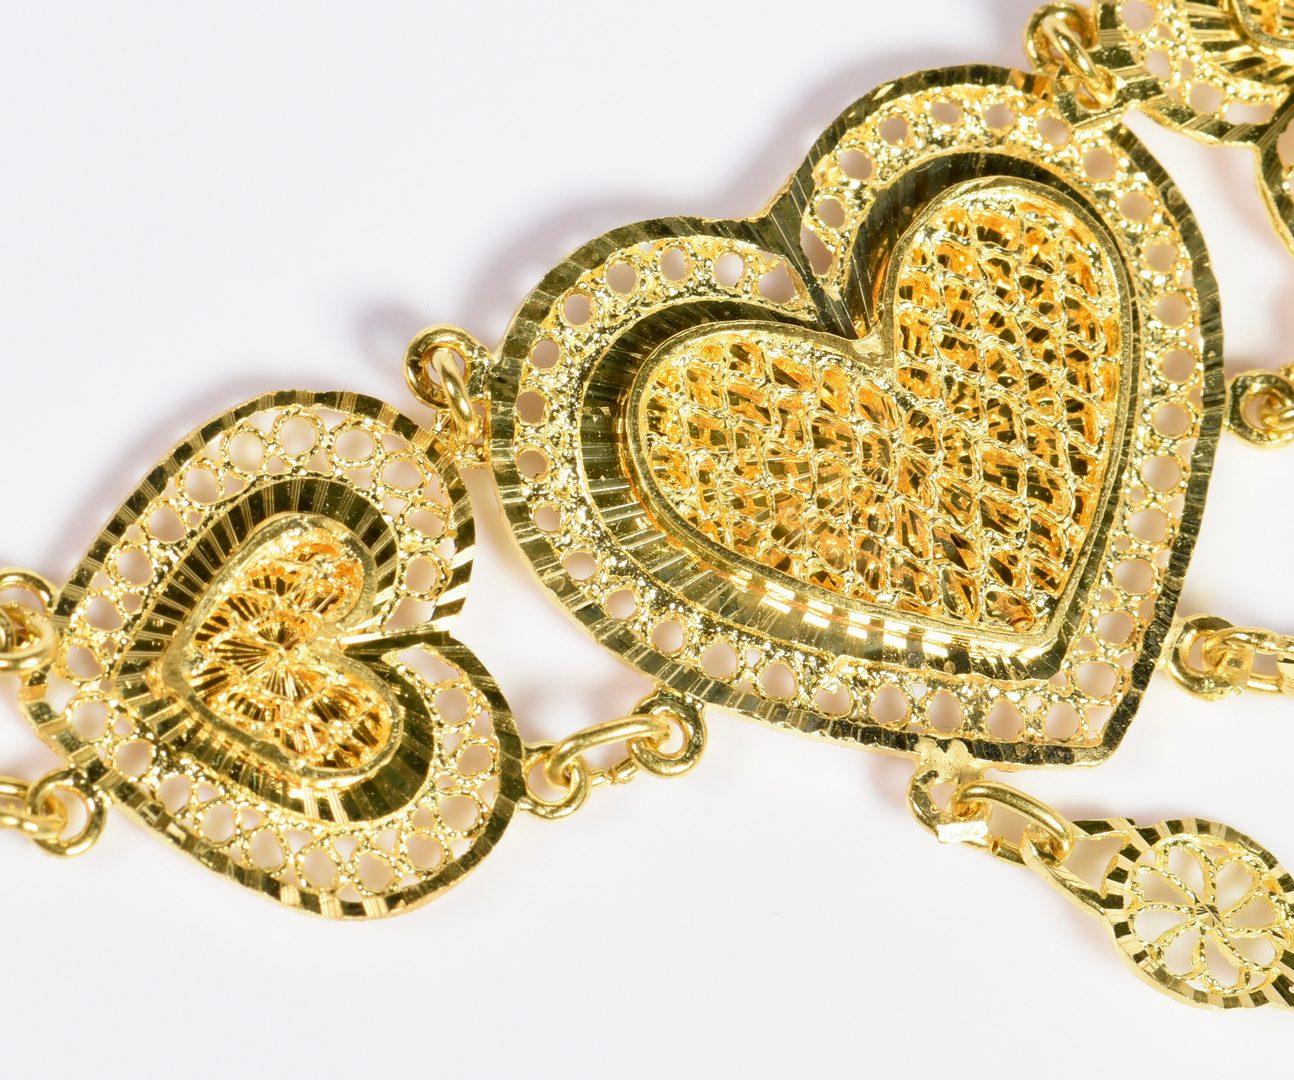 Lot 778: 21K Gold Filigree Heart Jewelry 3-pc Set